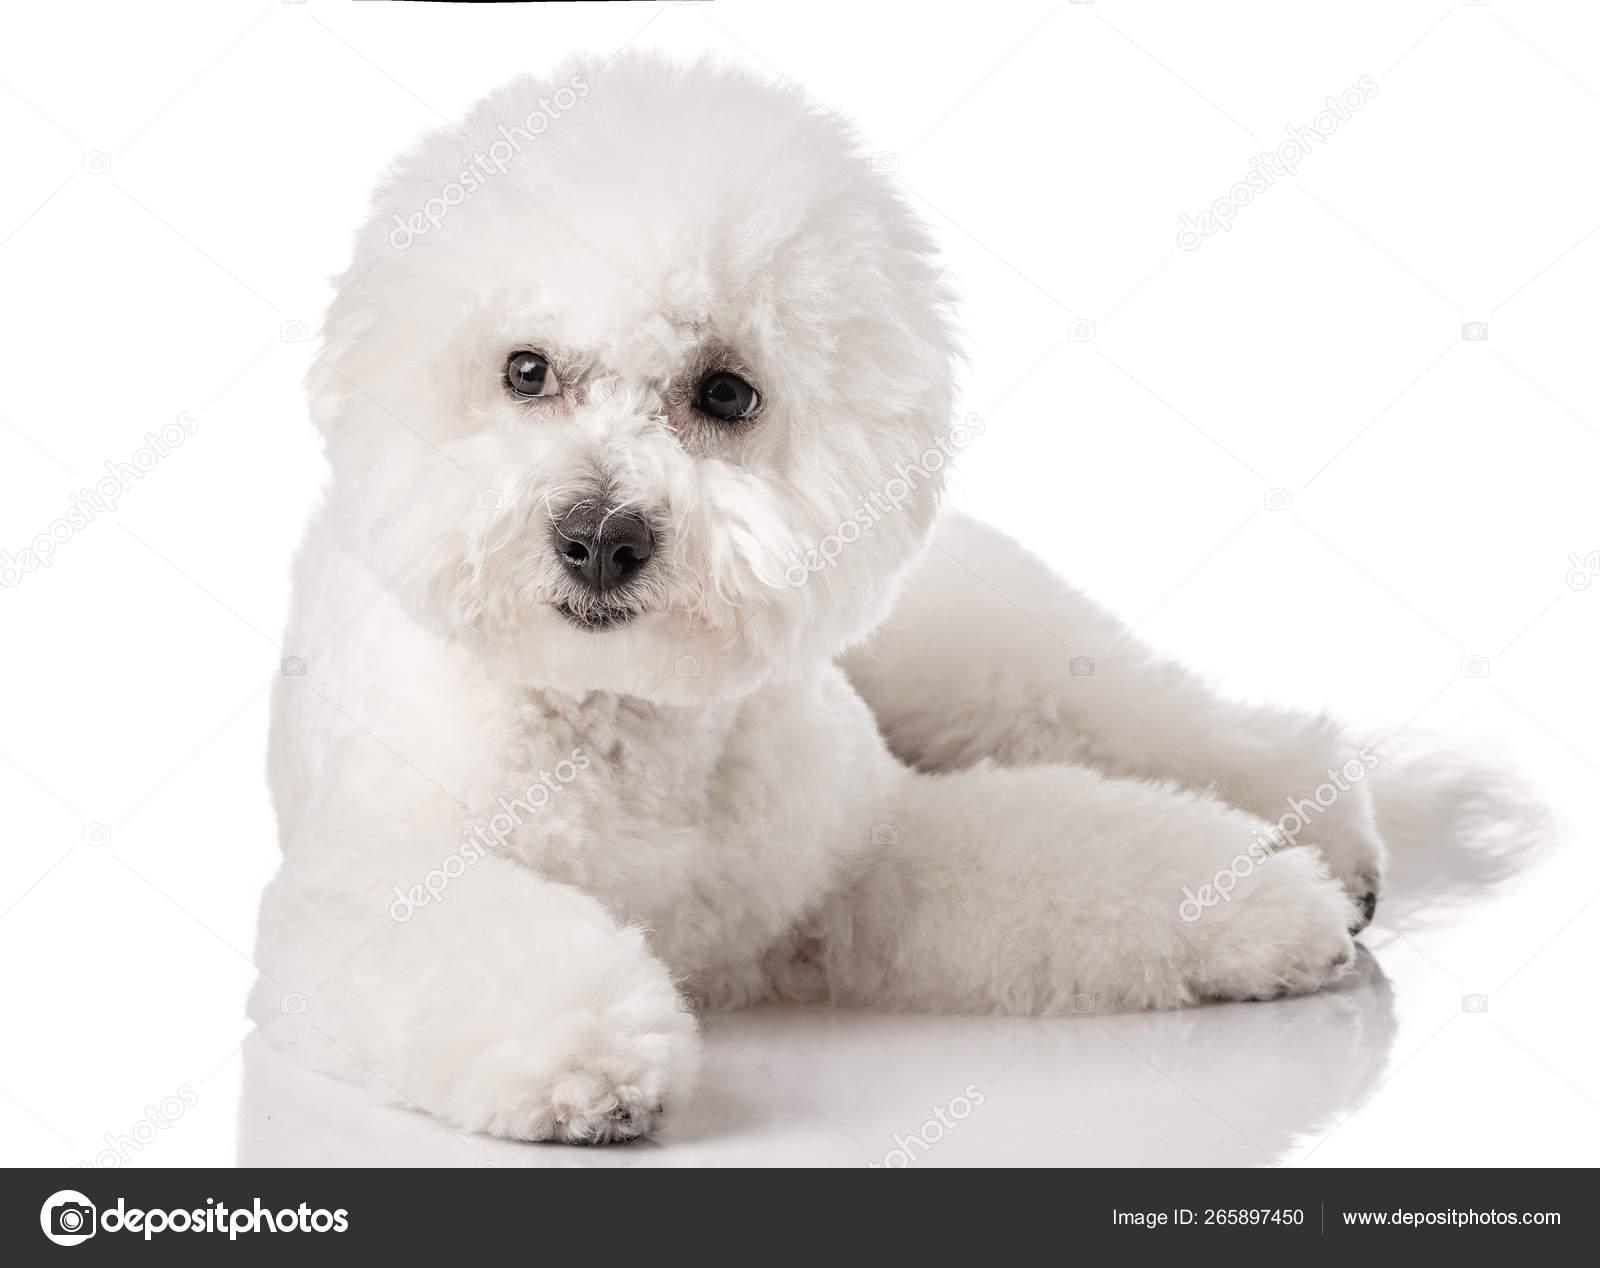 Bichon Frise Puppy Dog Isolated White Background White Dog Bichon Stock Photo C Fotoatelie 265897450